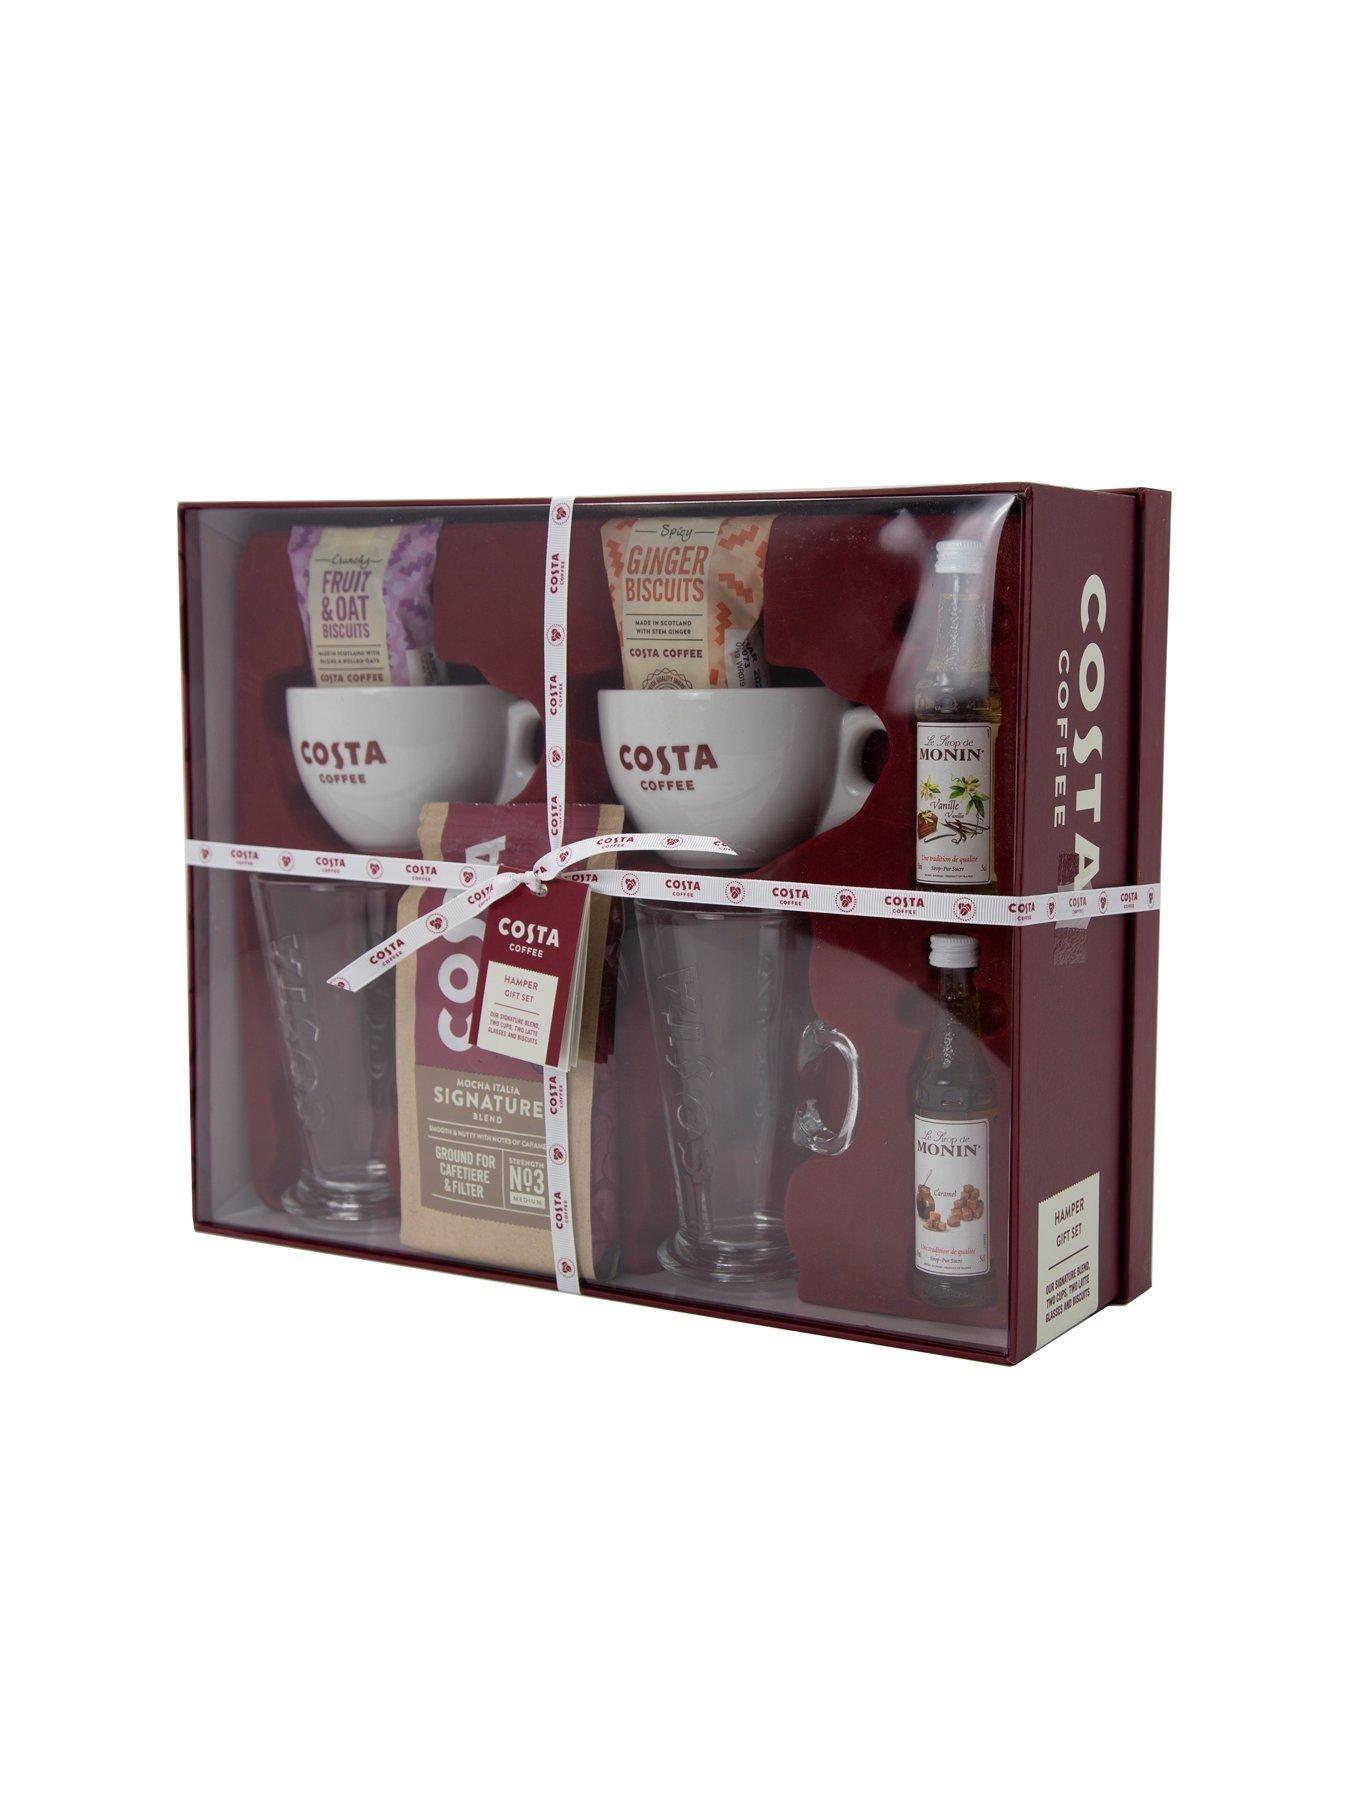 Costa Coffee Hamper Set in 2020 Coffee hampers, Costa